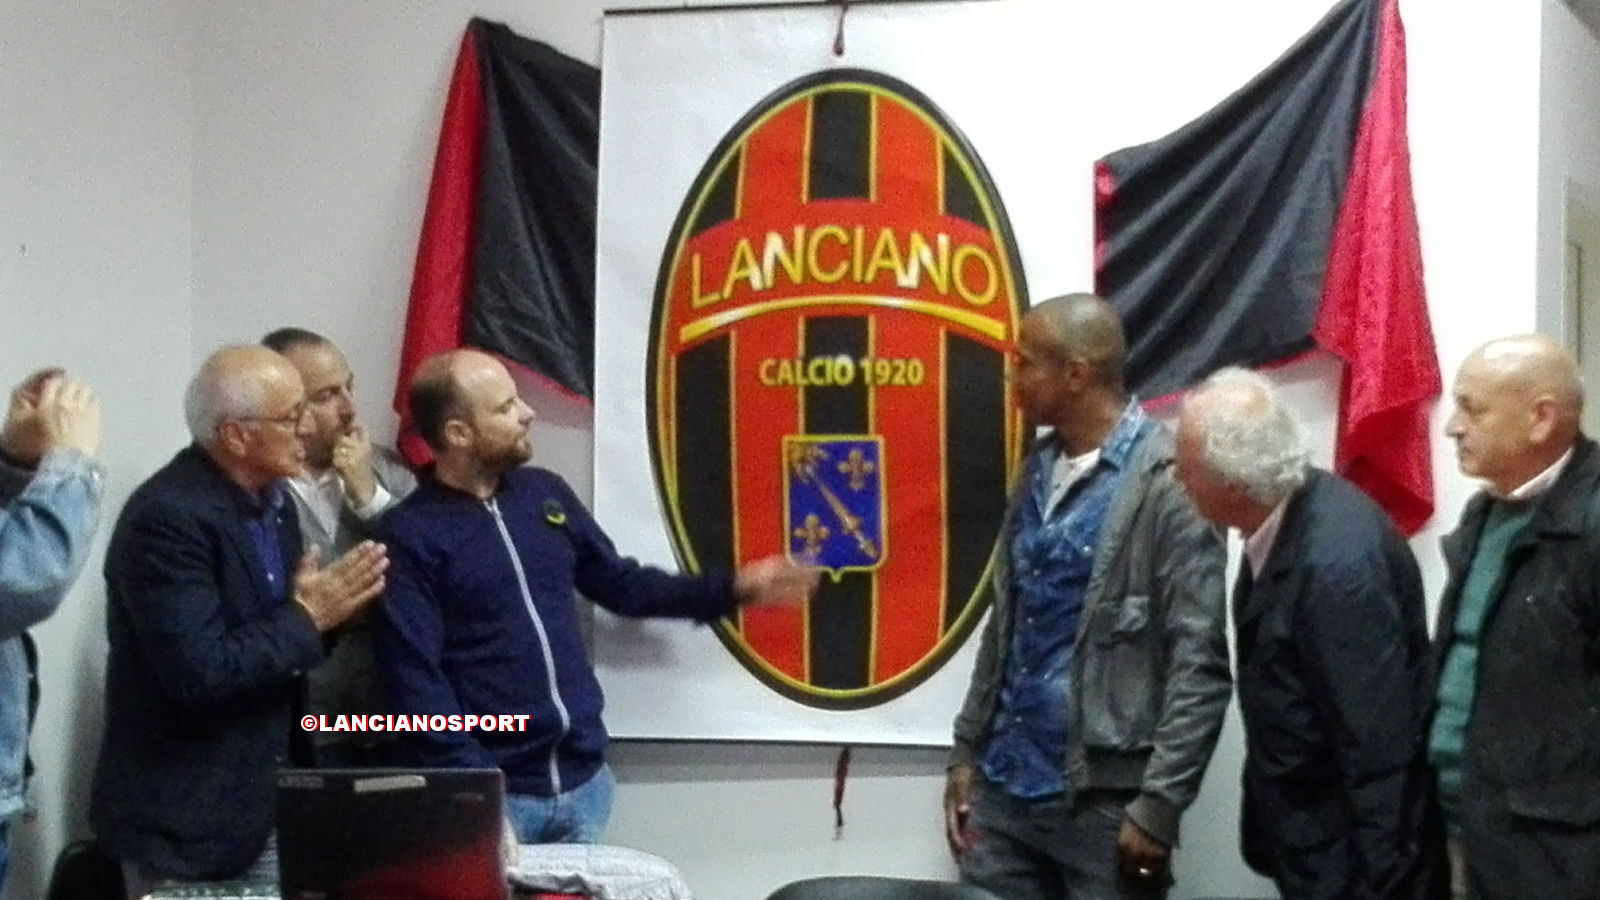 Ecco il Lanciano Calcio 1920: con l'assemblea allo stadio nasce il nuovo club rossonero